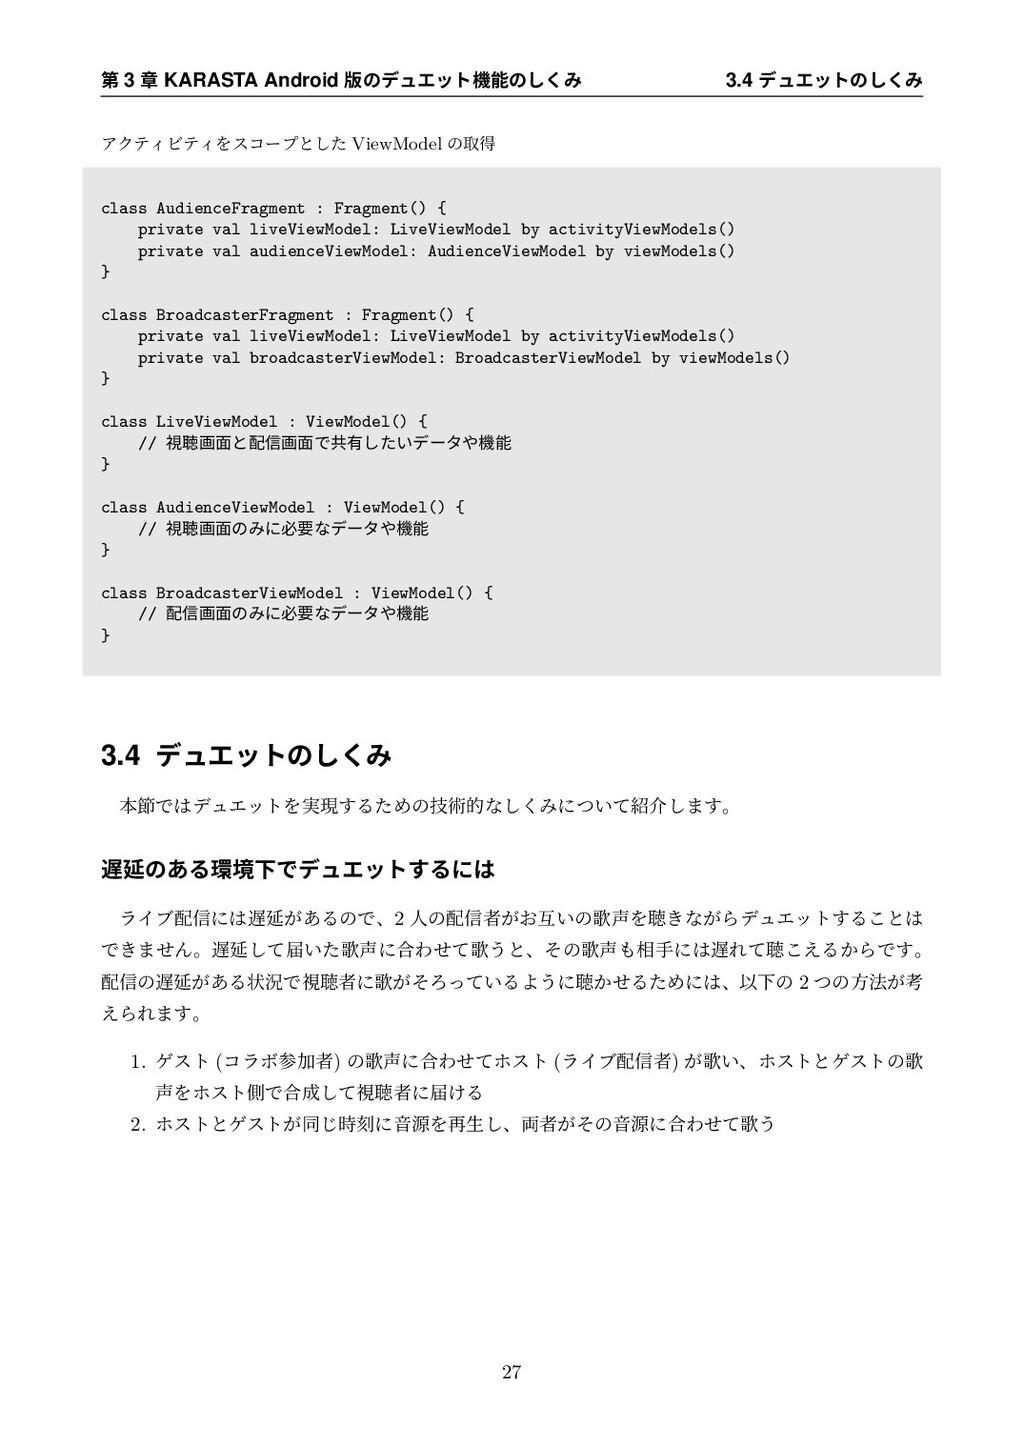 ୈ 3 ষ KARASTA Android ൛ͷσϡΤοτػͷ͘͠Έ 3.4 σϡΤοτͷ͠...